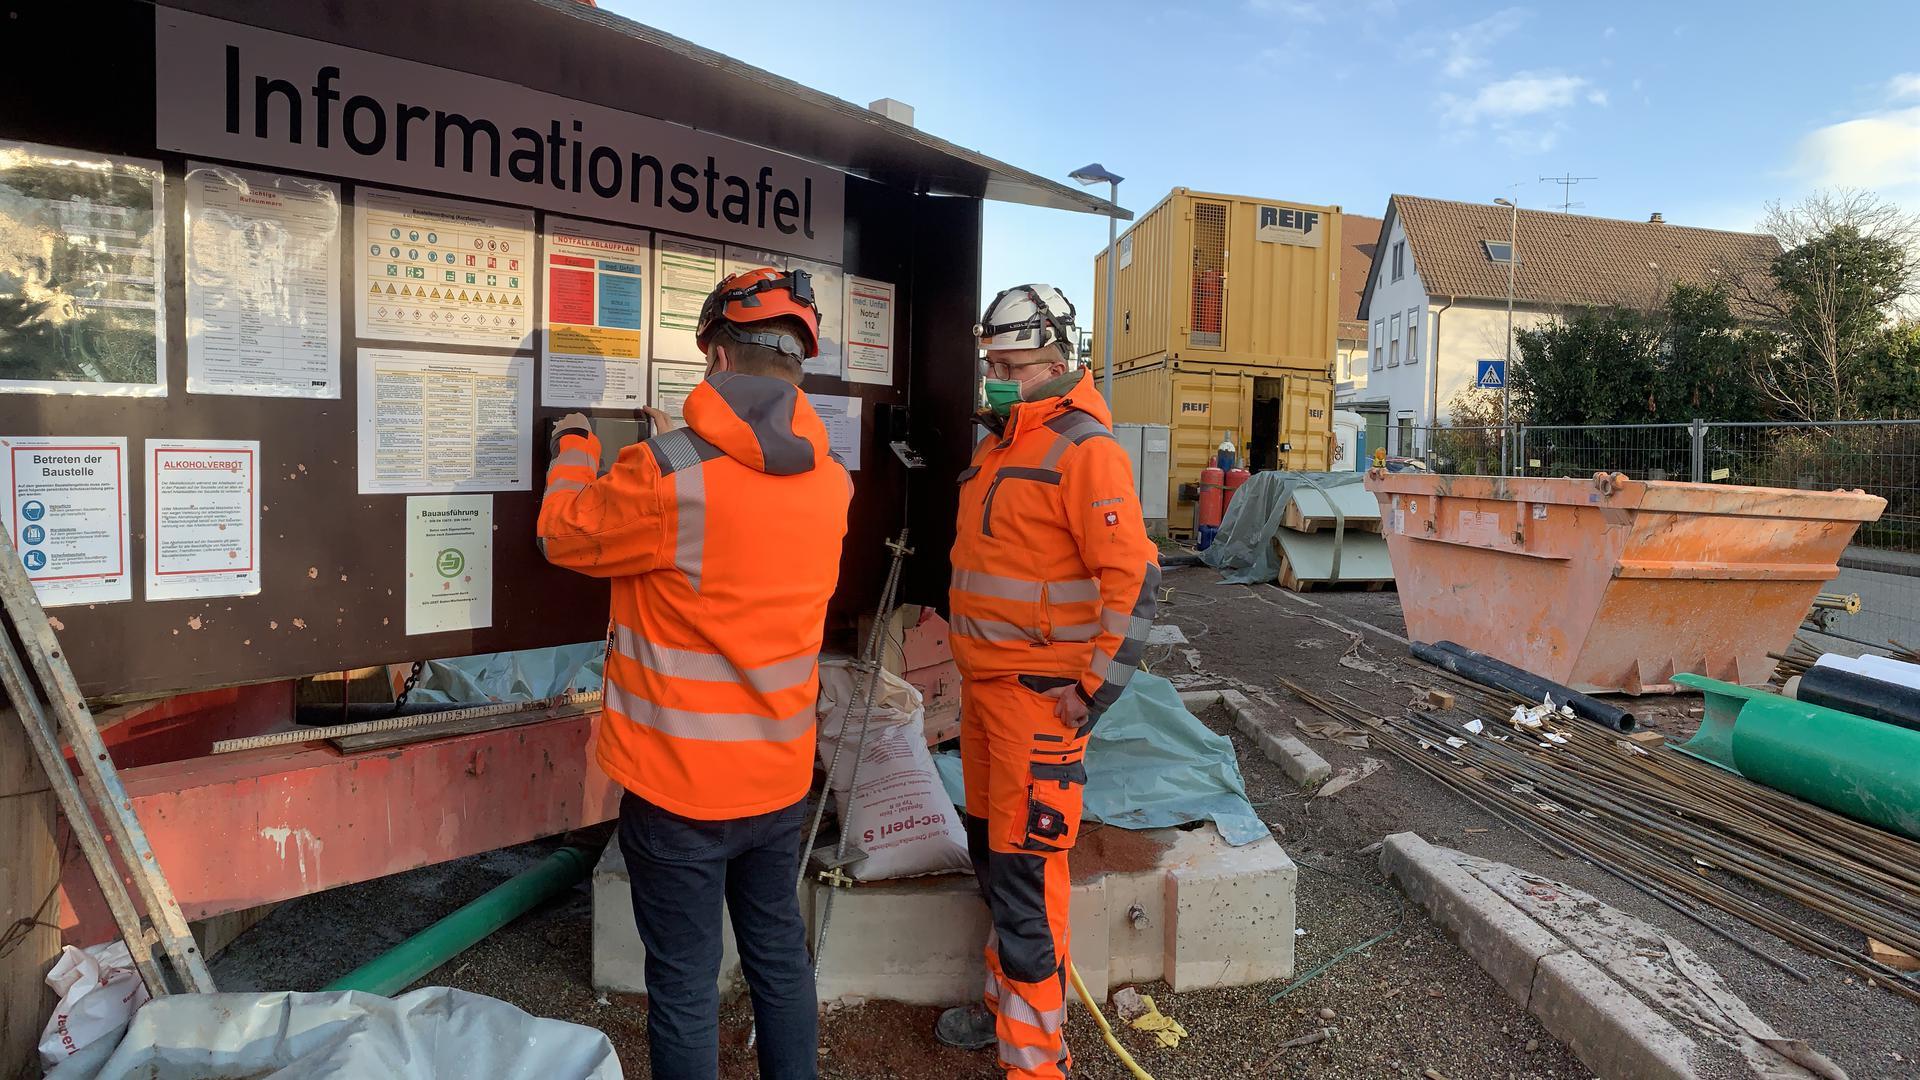 """Sicherheit muss gewährleistet sein. Dennis Saldern (links) und Tobias Künstel tragen sich in die """"Anwesenheitsliste"""" ein. Im Hintergrund sind die Schalelemente für den Endausbau des Stollens am Bahnhof zu sehen."""